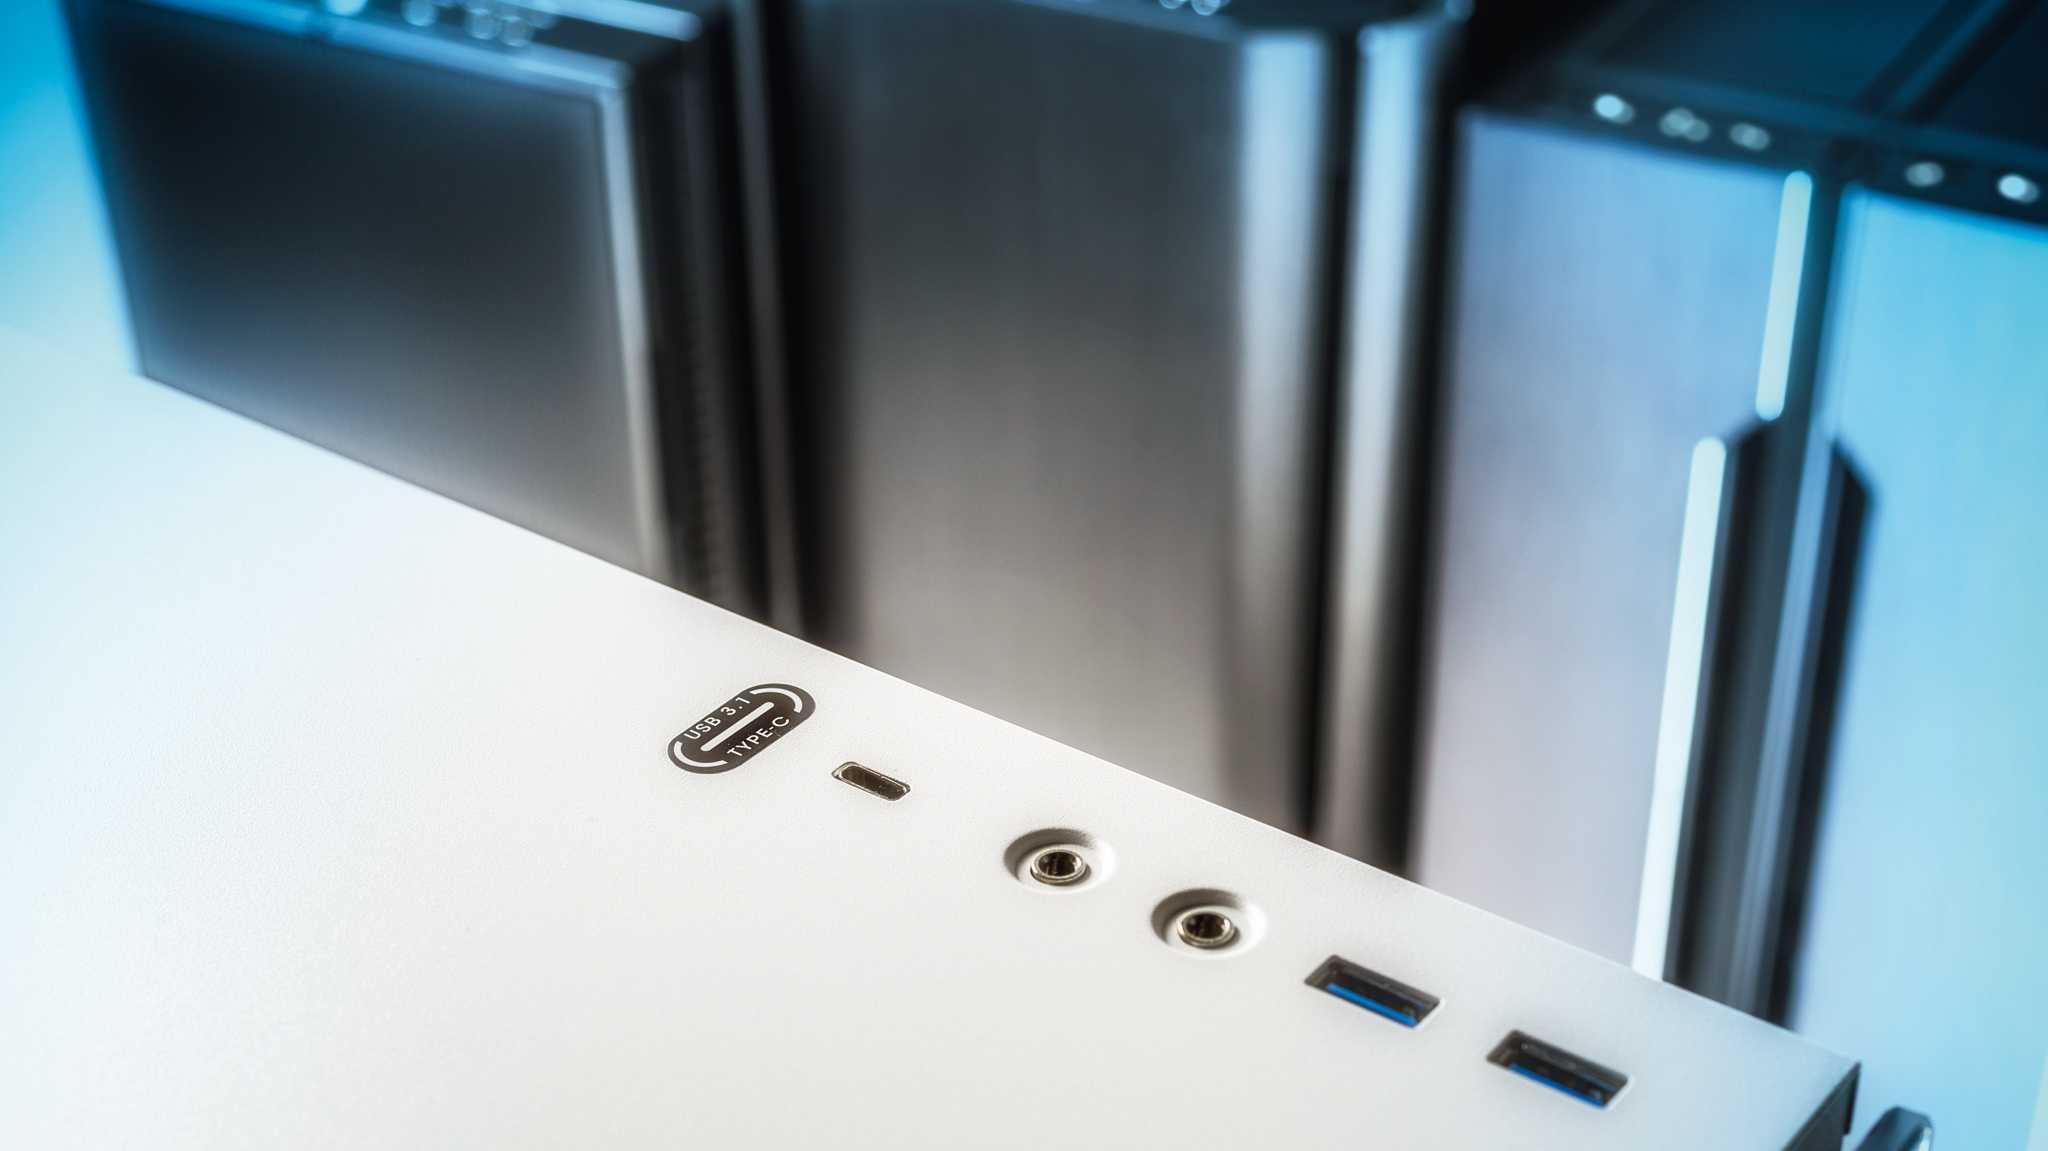 PC-Gehäuse mit USB-C-Anschluss: